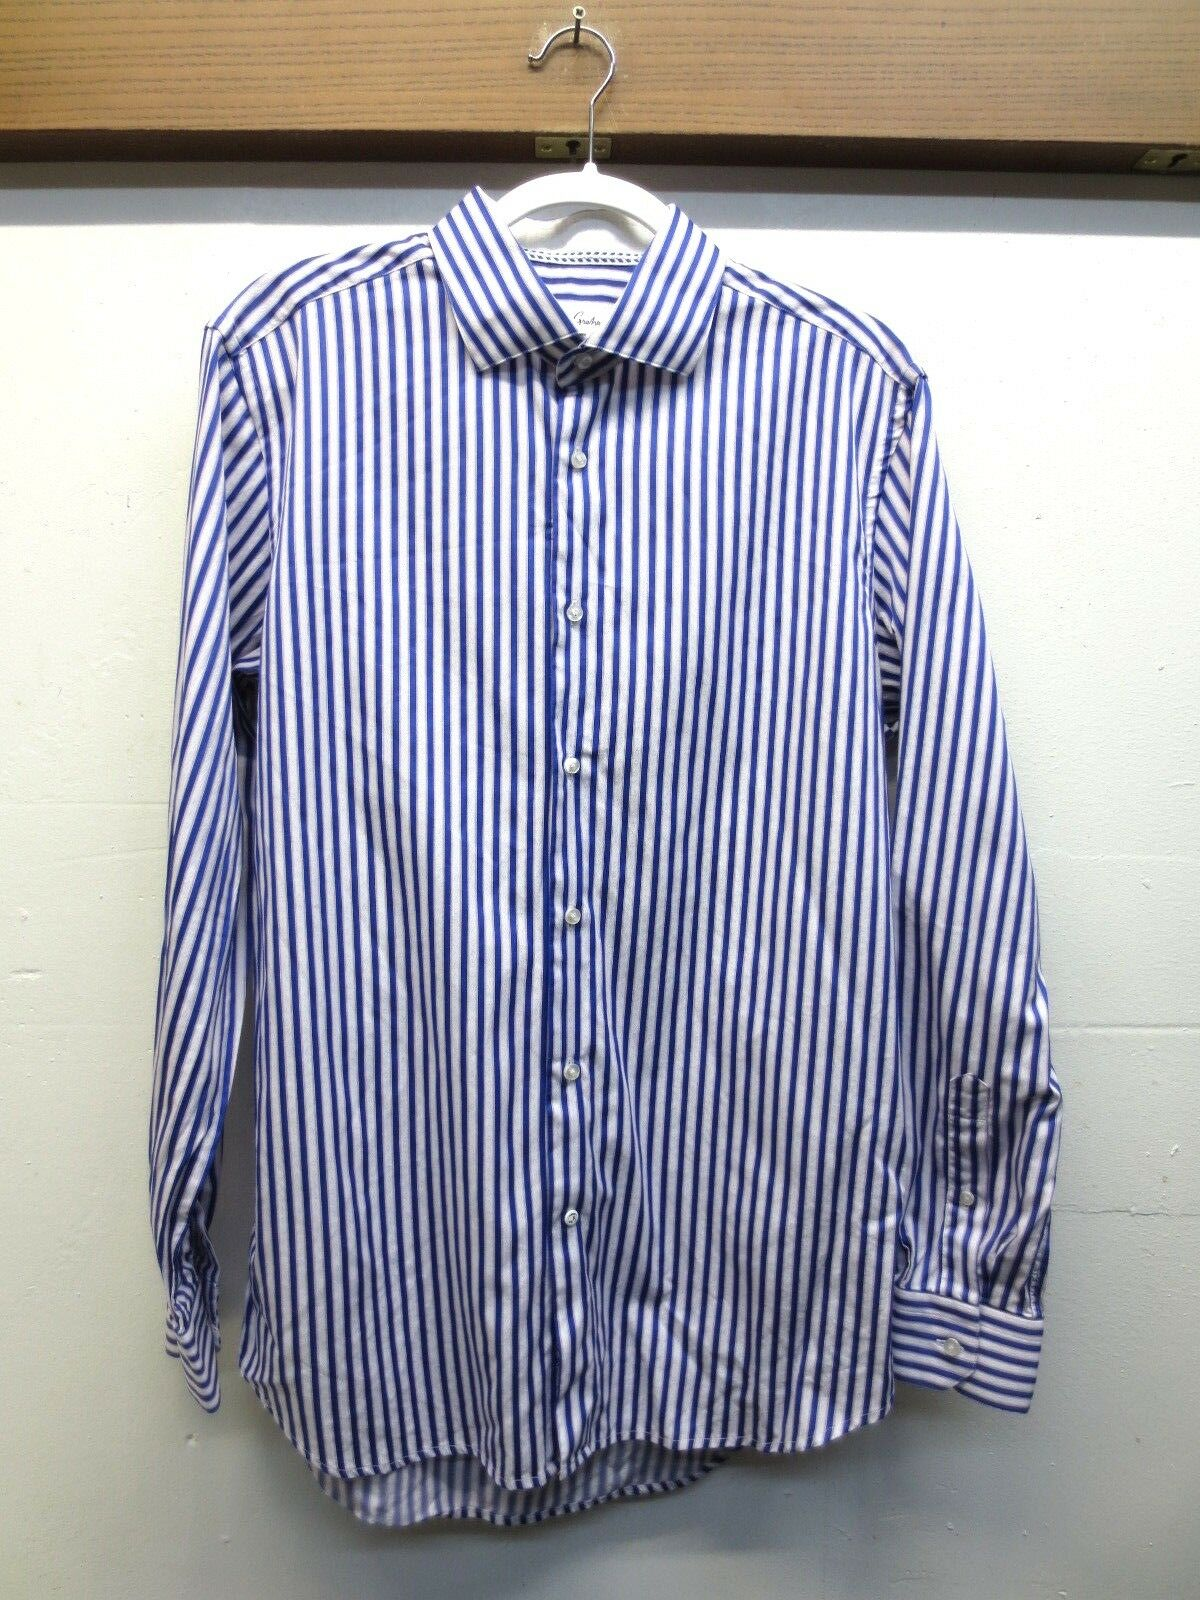 EUC Mens Robert Graham Dress Shirt bluee Pink White Striped Textured Size 16.5 42